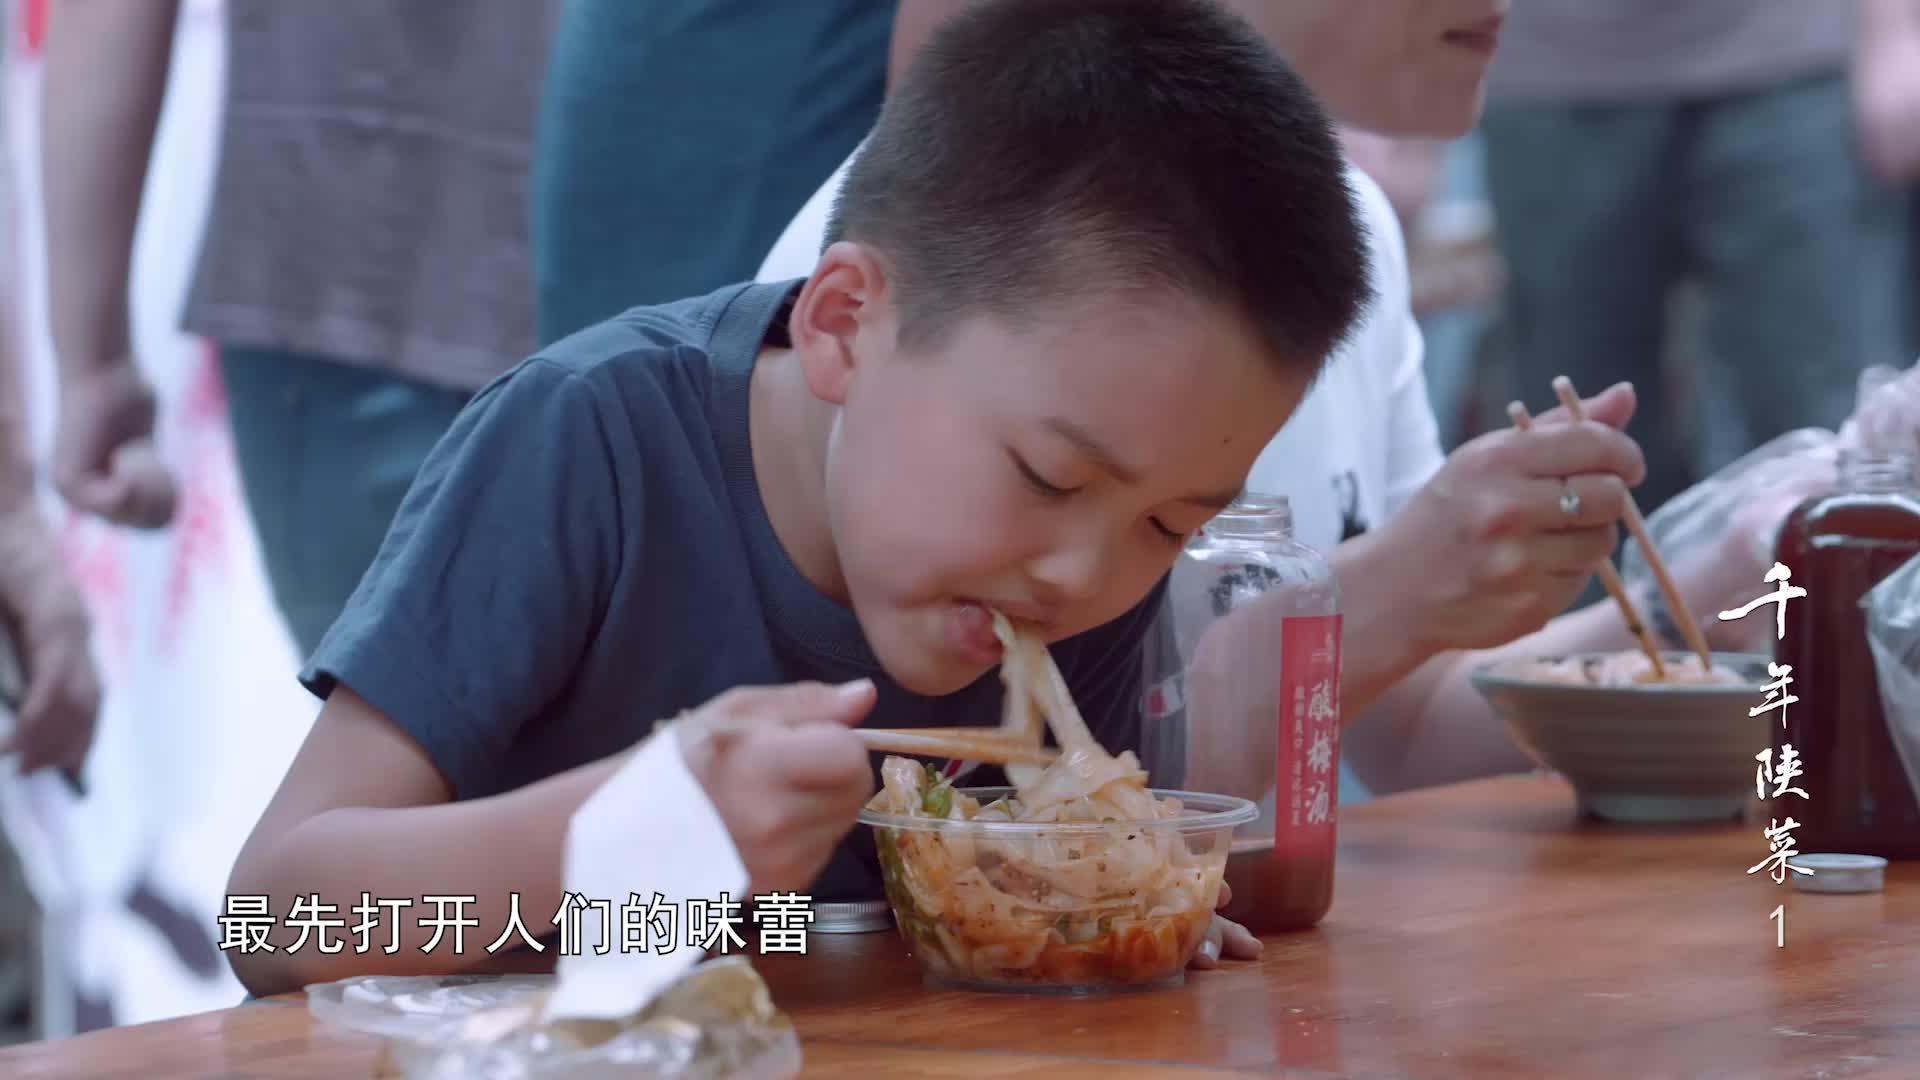 《千年陕菜》第一集预告片